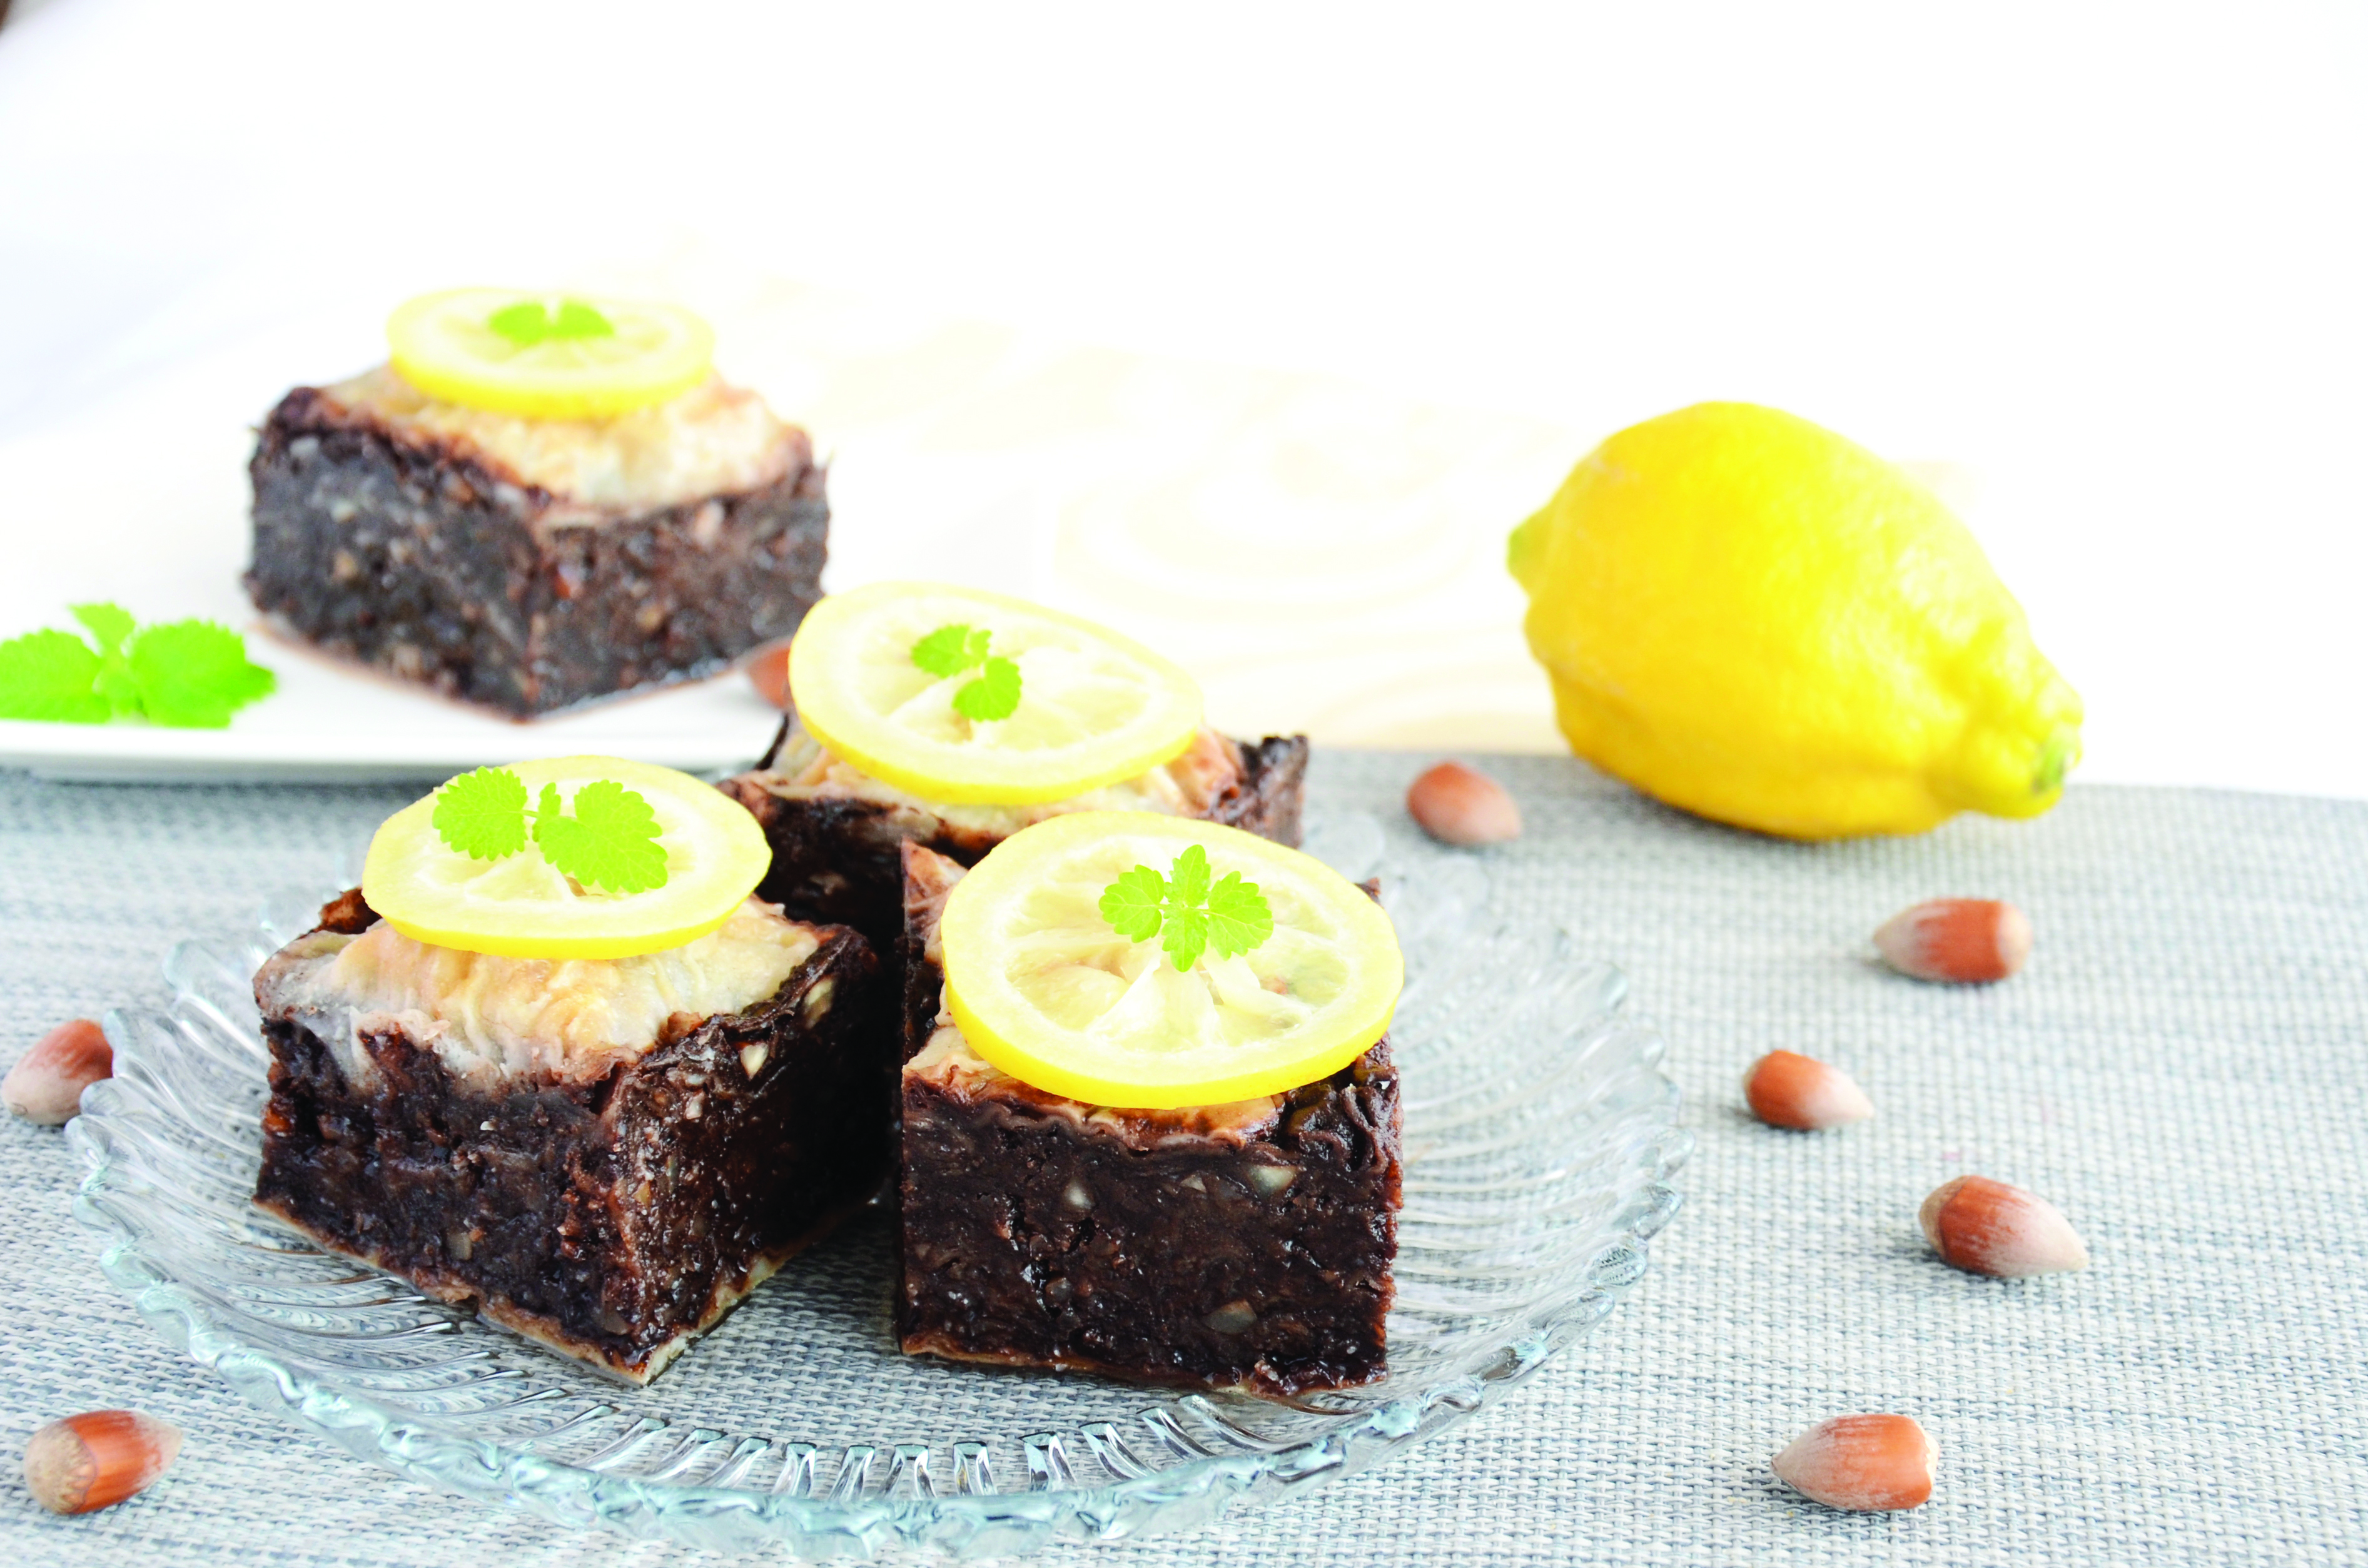 cokoladna baklava